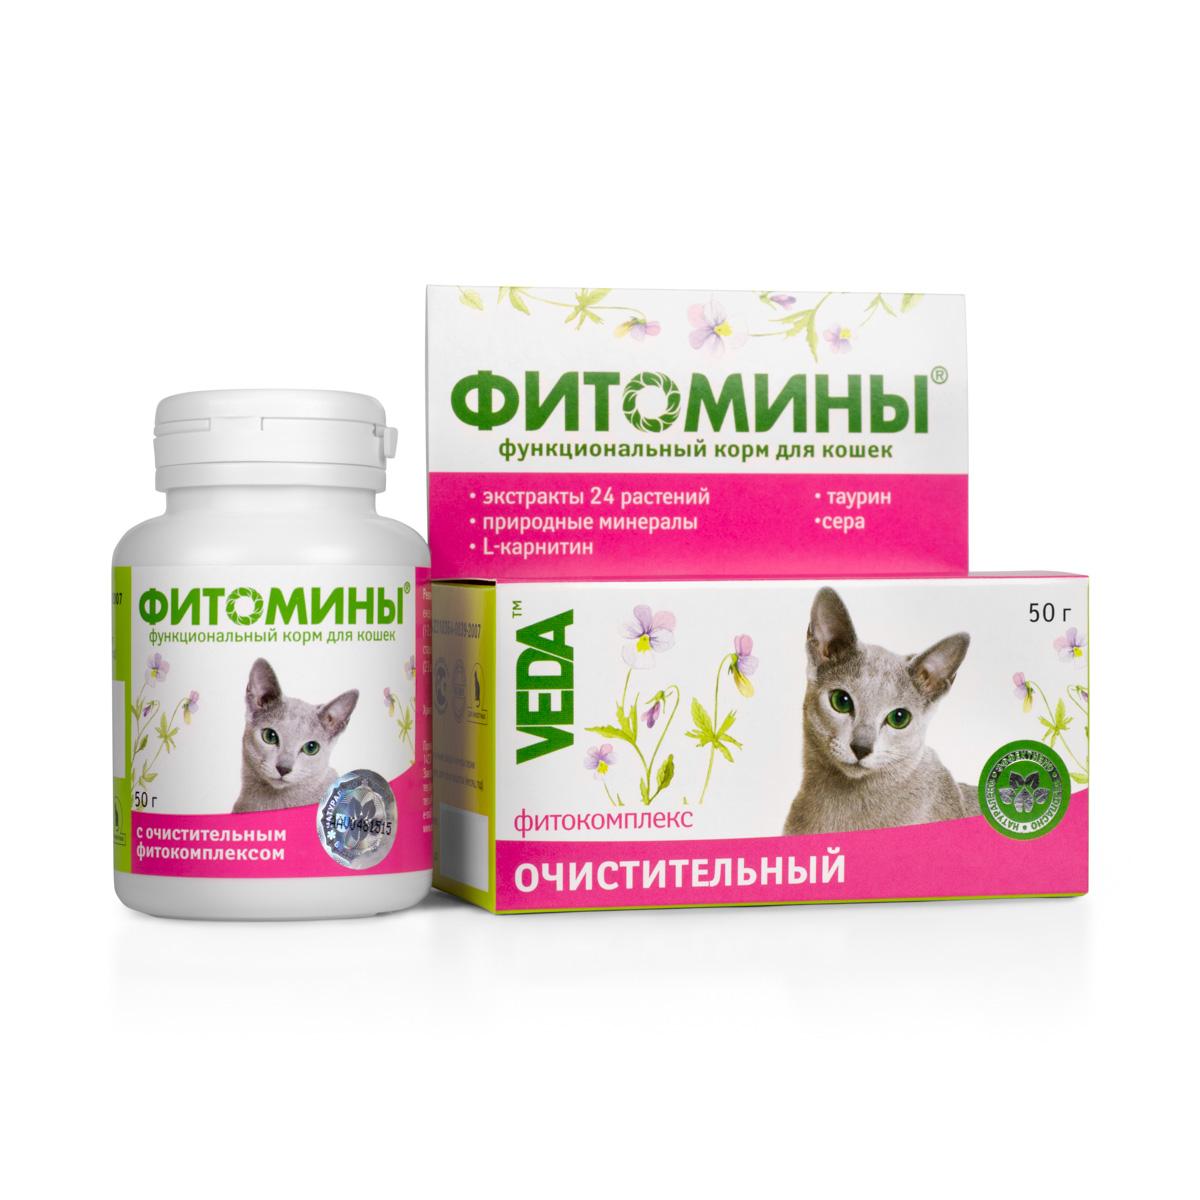 Корм для кошек VEDA Фитомины, функциональный, с очистительным фитокомплексом, 50 г